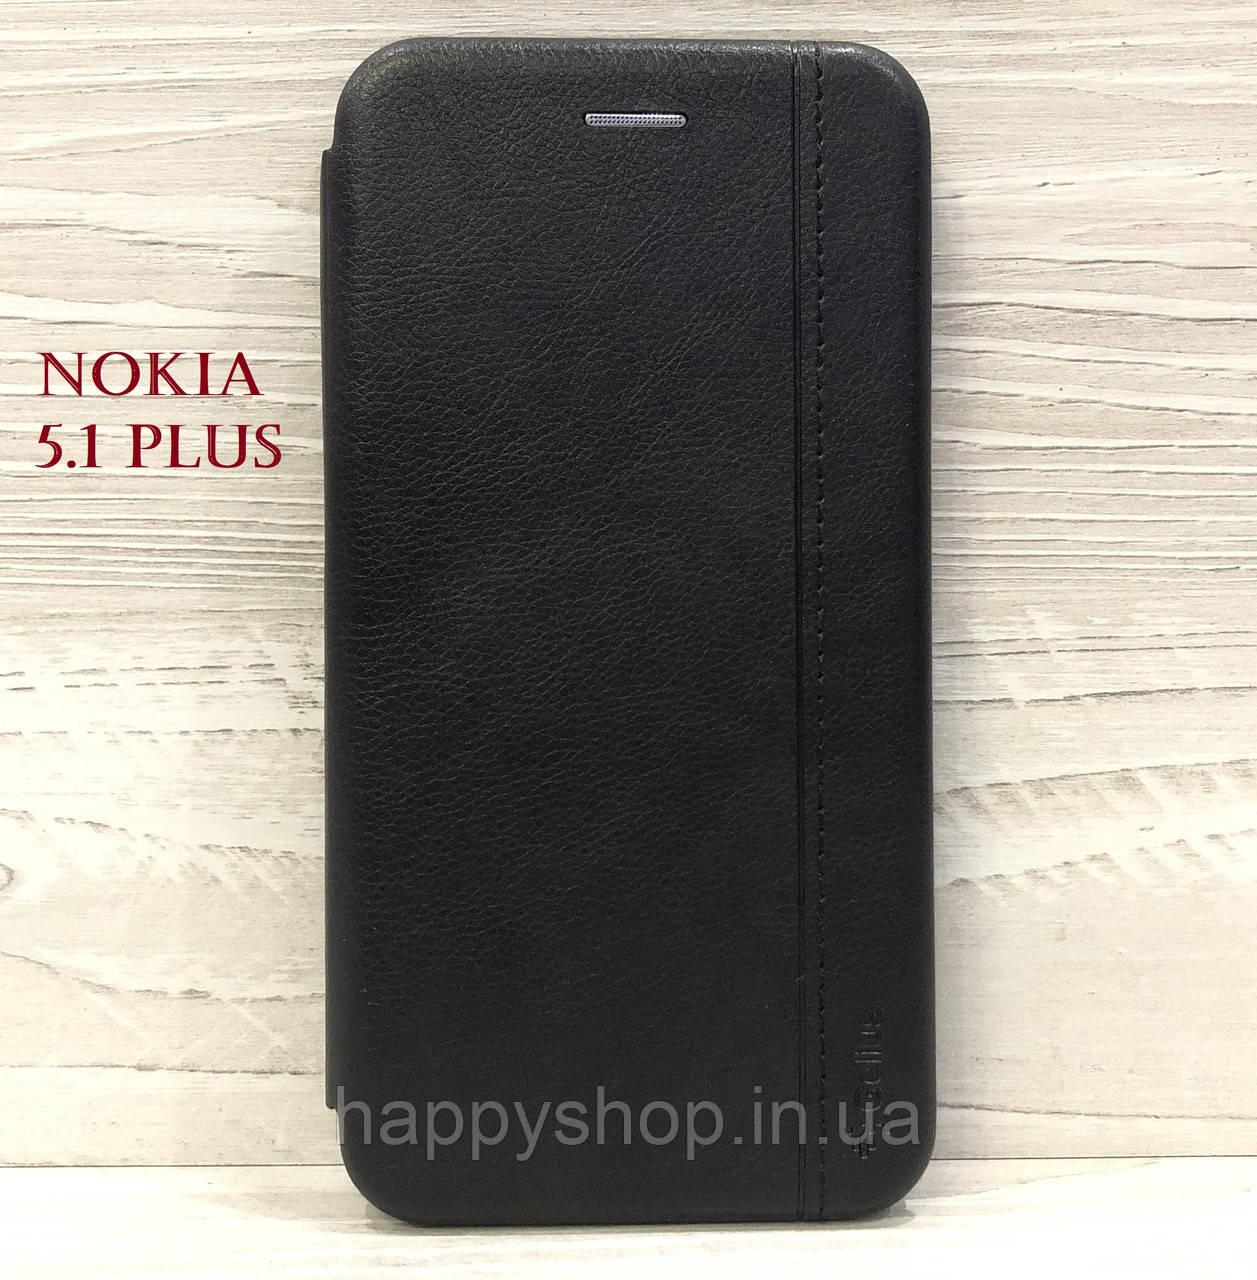 Чехол-книжка Gelius Leather для Nokia 5.1 Plus (TA-1105) Черный